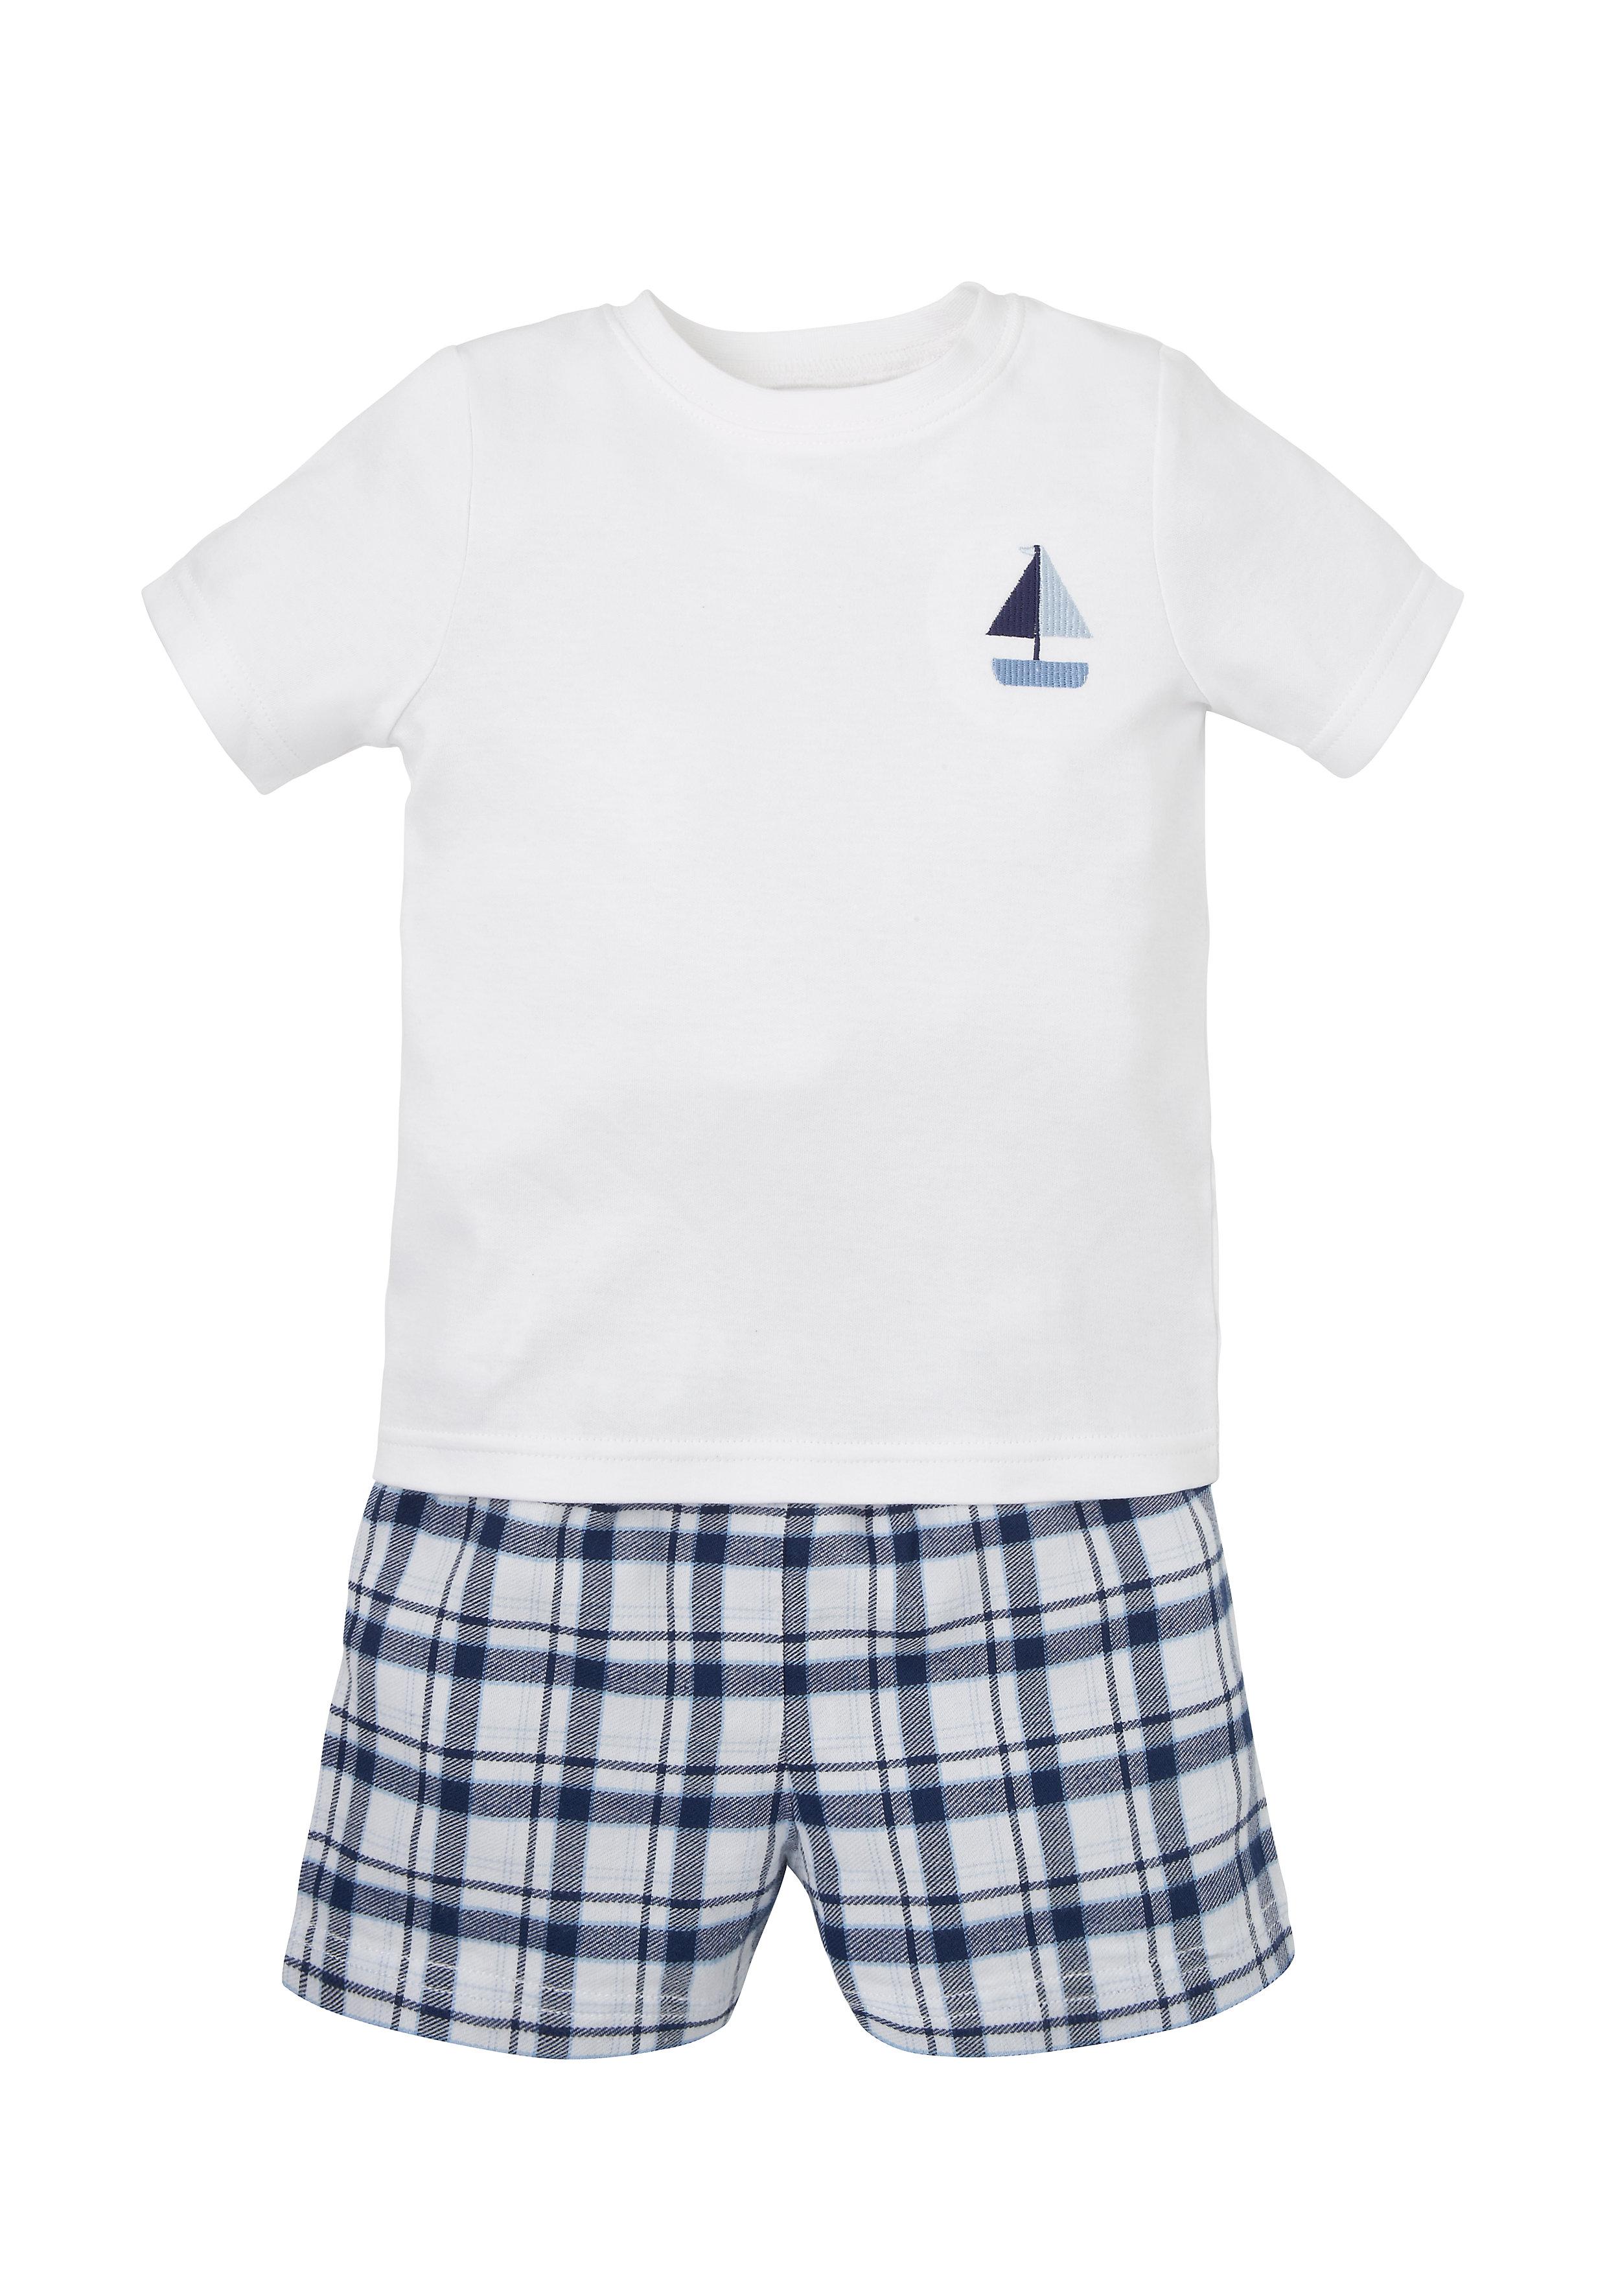 Mothercare | Multicolor Boys Boat Shortie Pyjamas